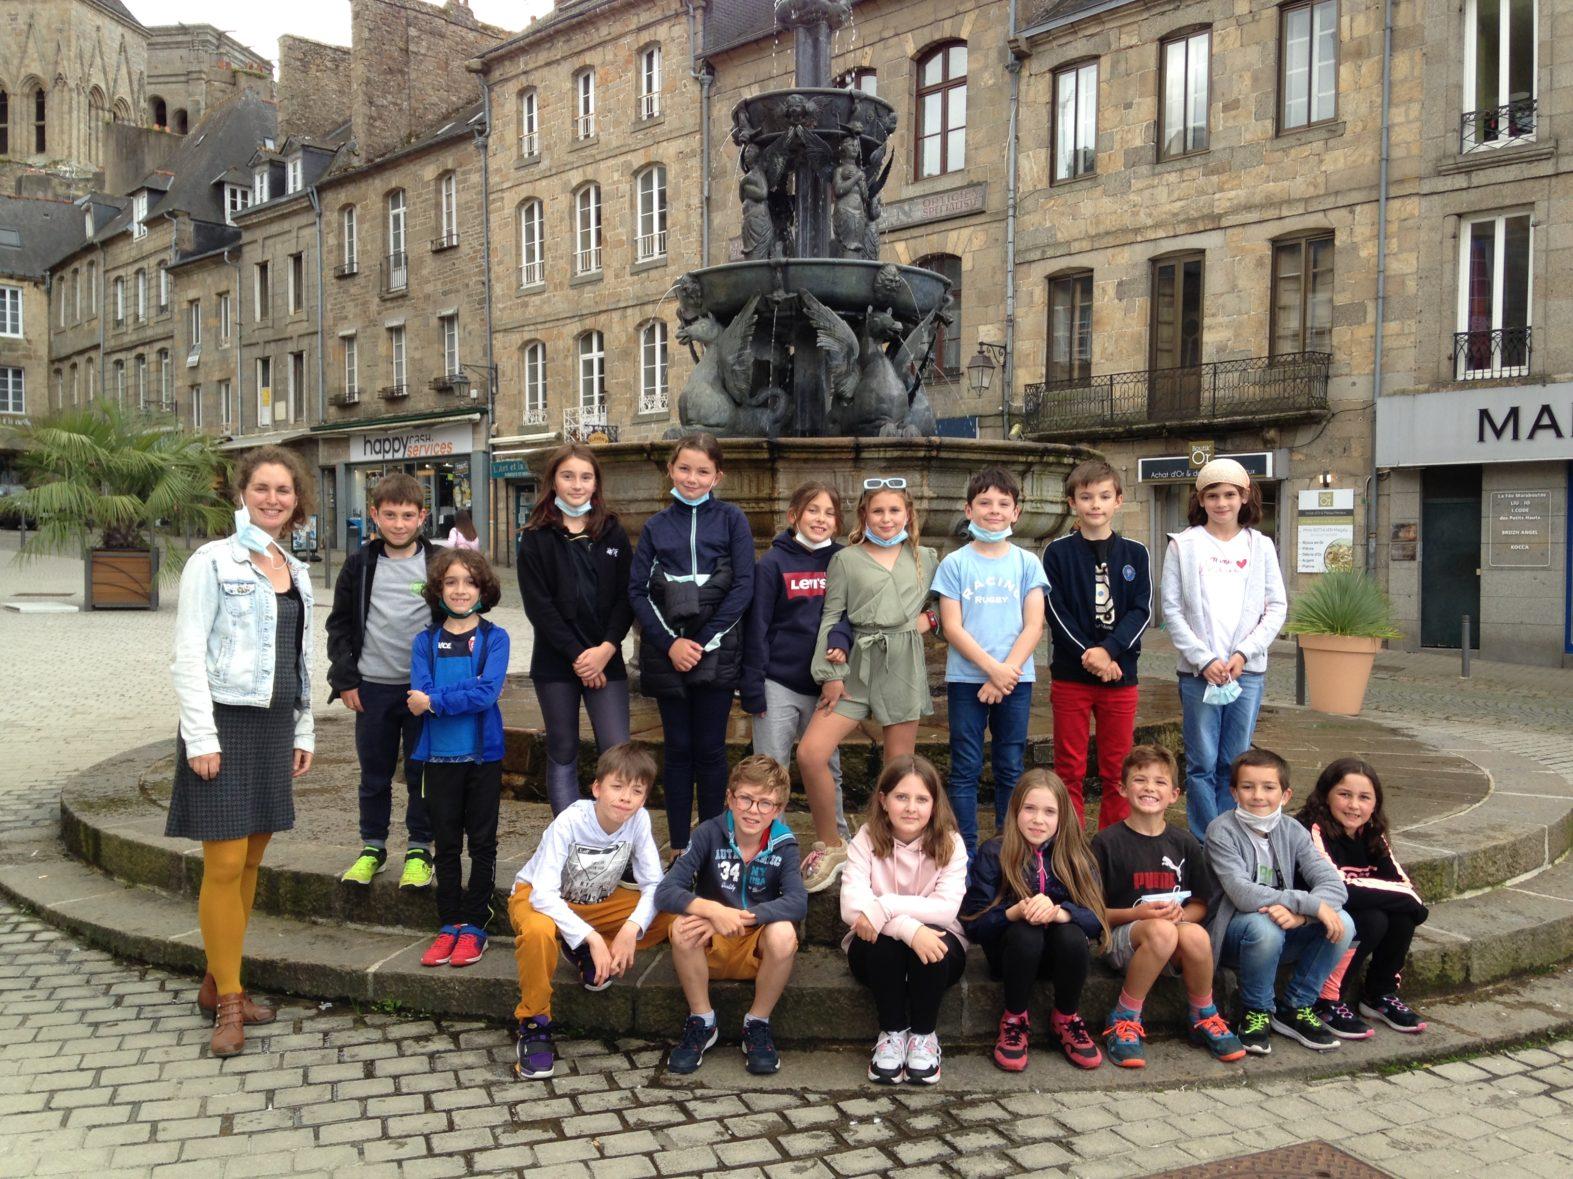 Visite du centre historique de Guingamp pour les Journées Européennes du Patrimoine – Ar re CM o weladenniñ Kreizenn istorel Gwengamp !